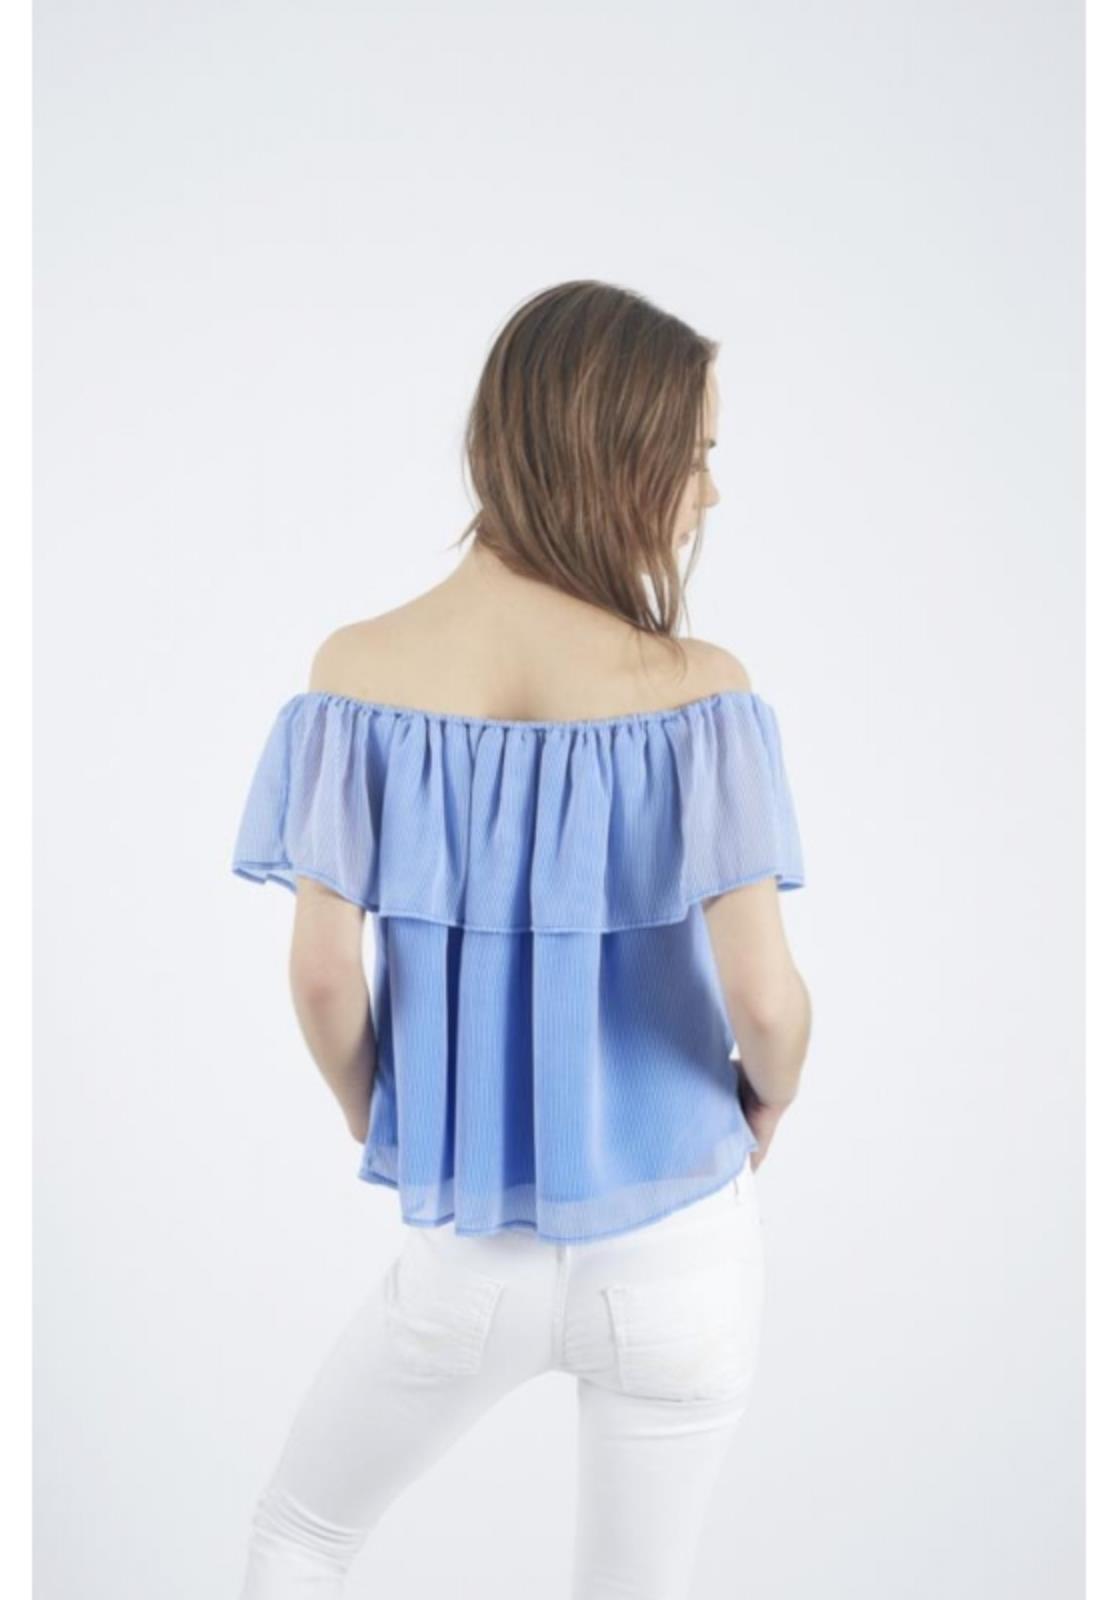 d5889d9e98c8 Compañía Fantástica T-Shirt   Shop online